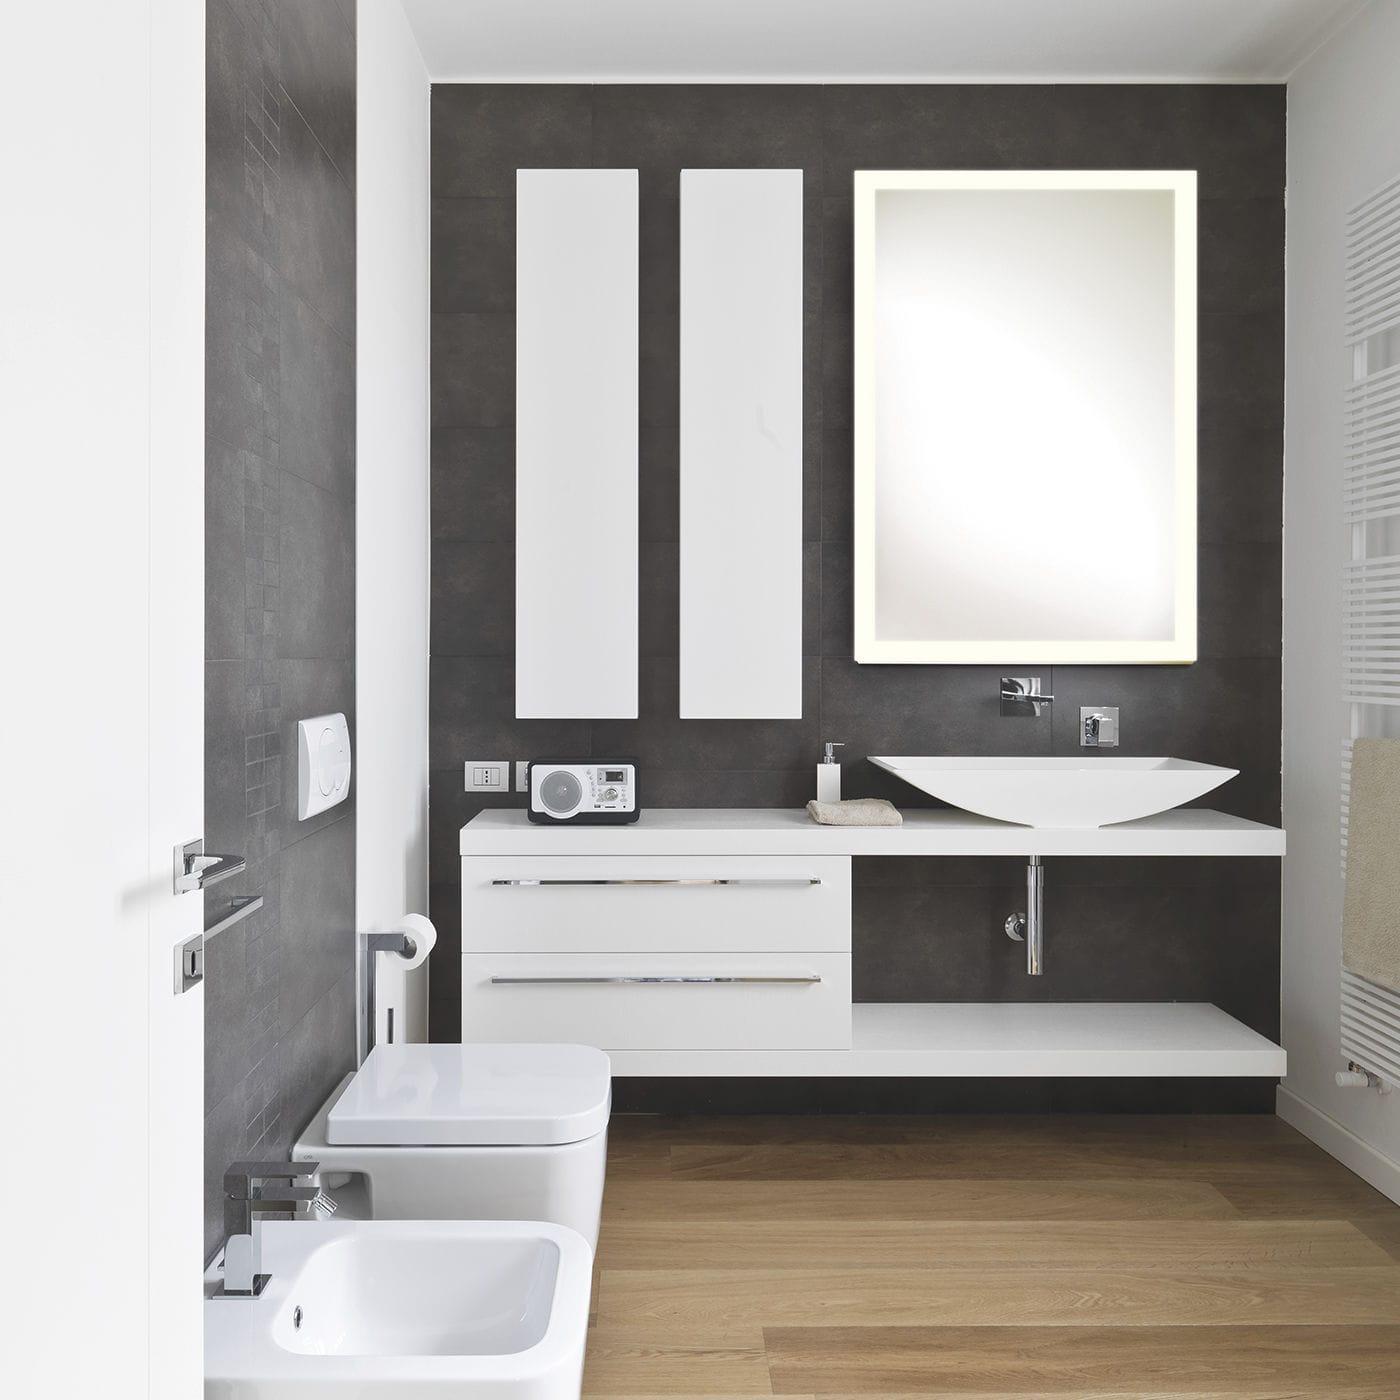 SIDELIGHT - Miroir de salle de bain mural / lumineux (led) / contemporain /  rectangulaire by Top Light GmbH & Co. KG.   ArchiExpo